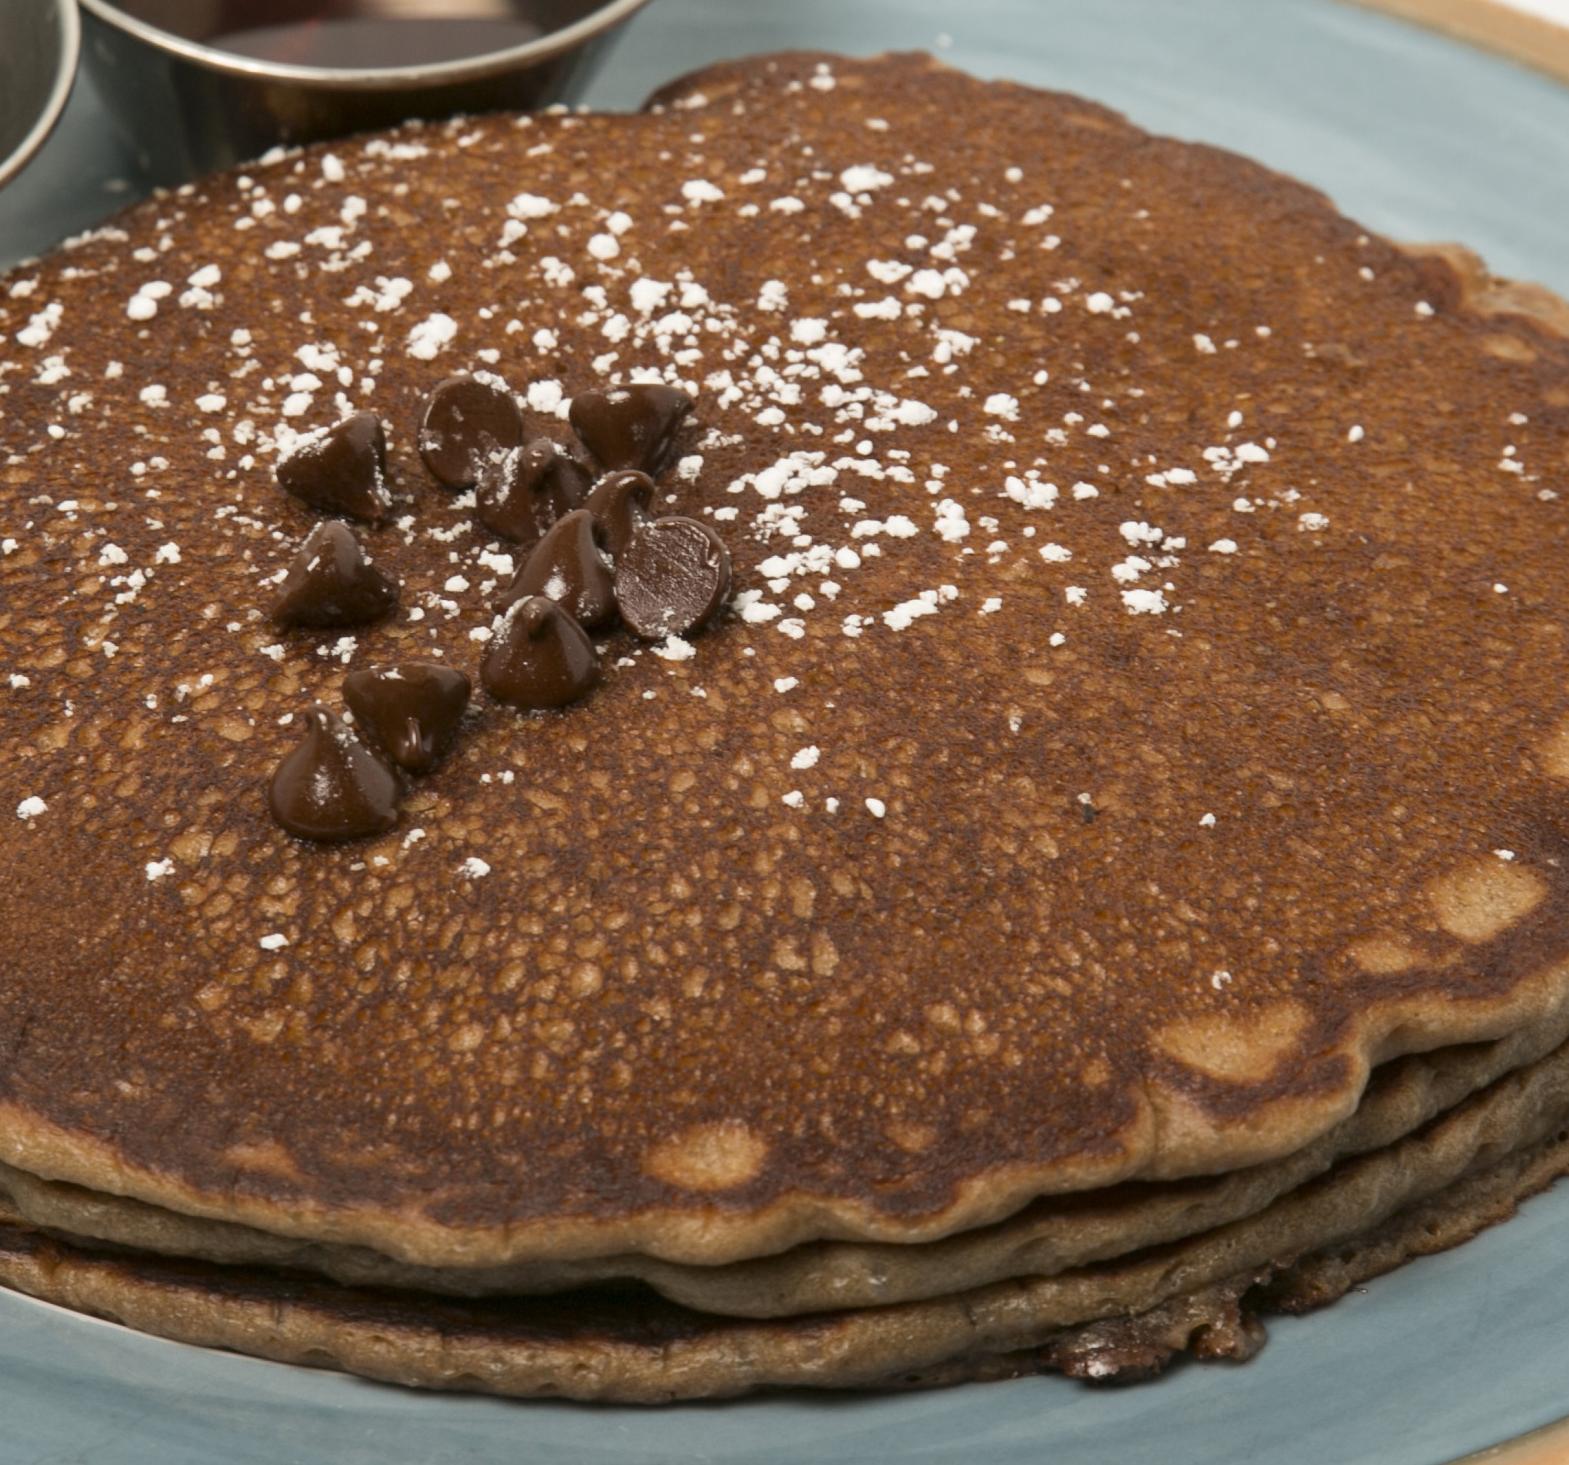 キングスのパンケーキメニューは7種類、こちらはマカデミアナッツパンケーキ。